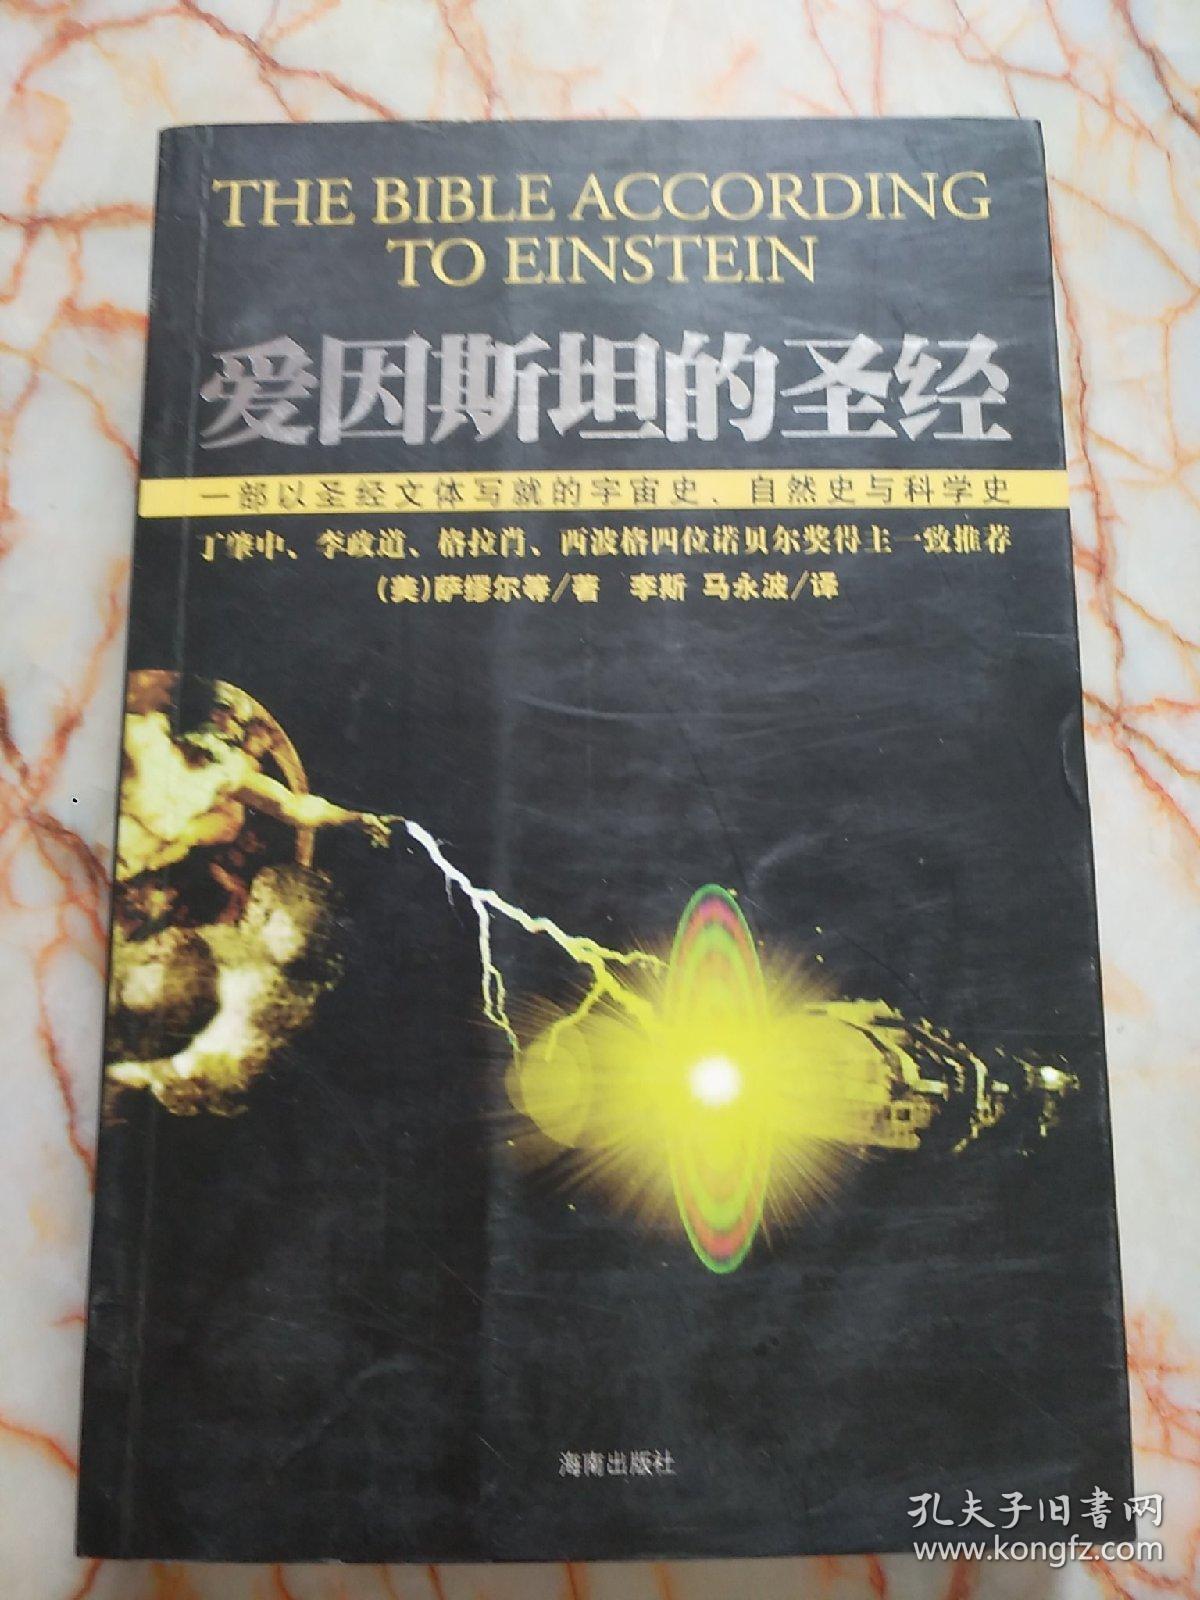 爱因斯坦的圣经(有少处标线)